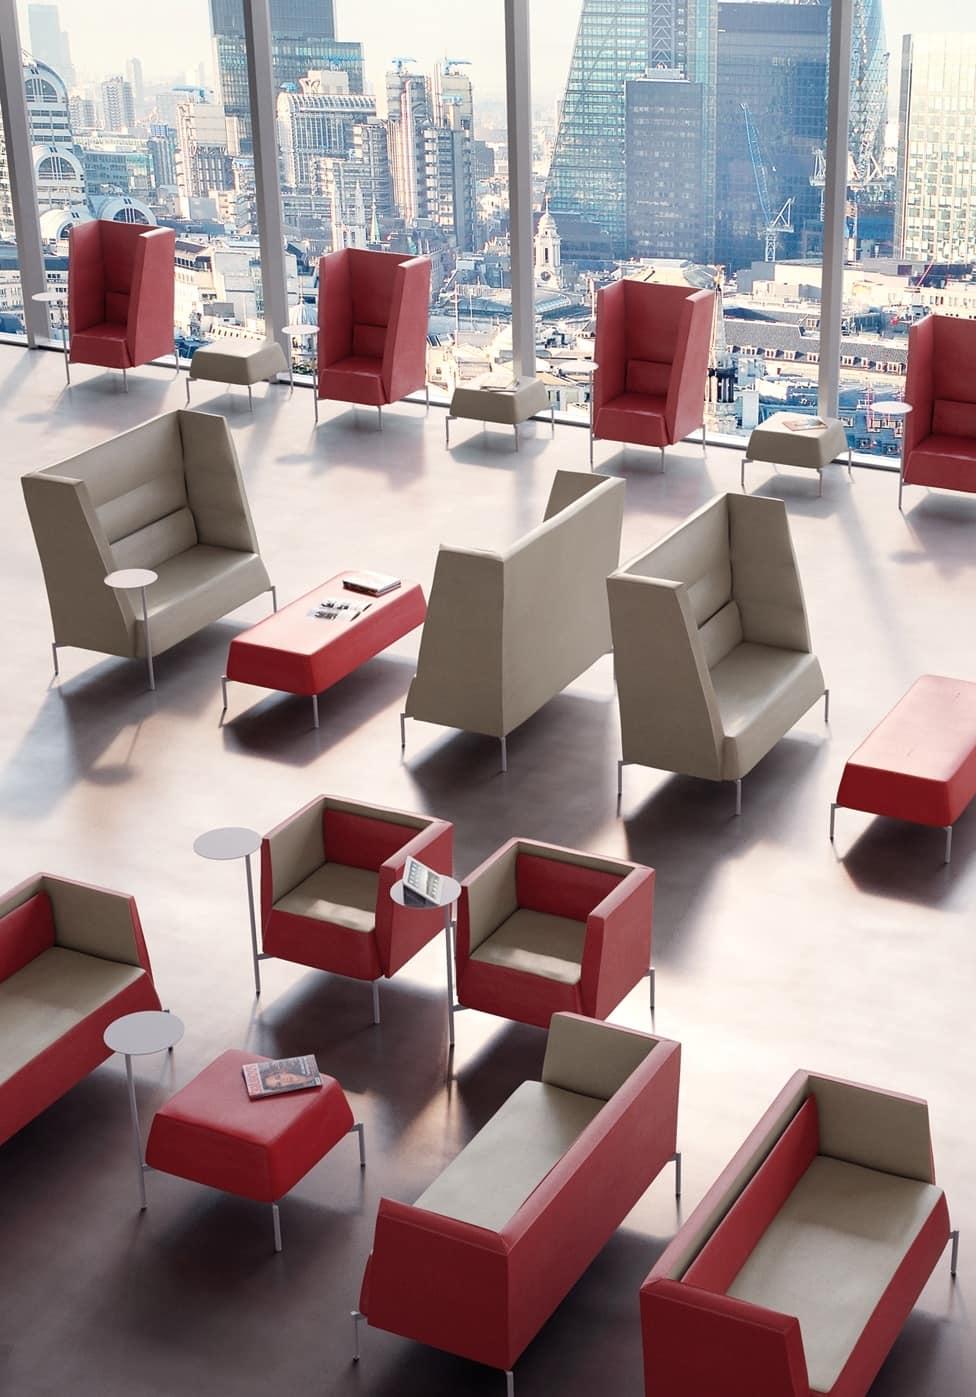 Kendo divano alto, Divano ideale per isolamento acustico, con schienale alto